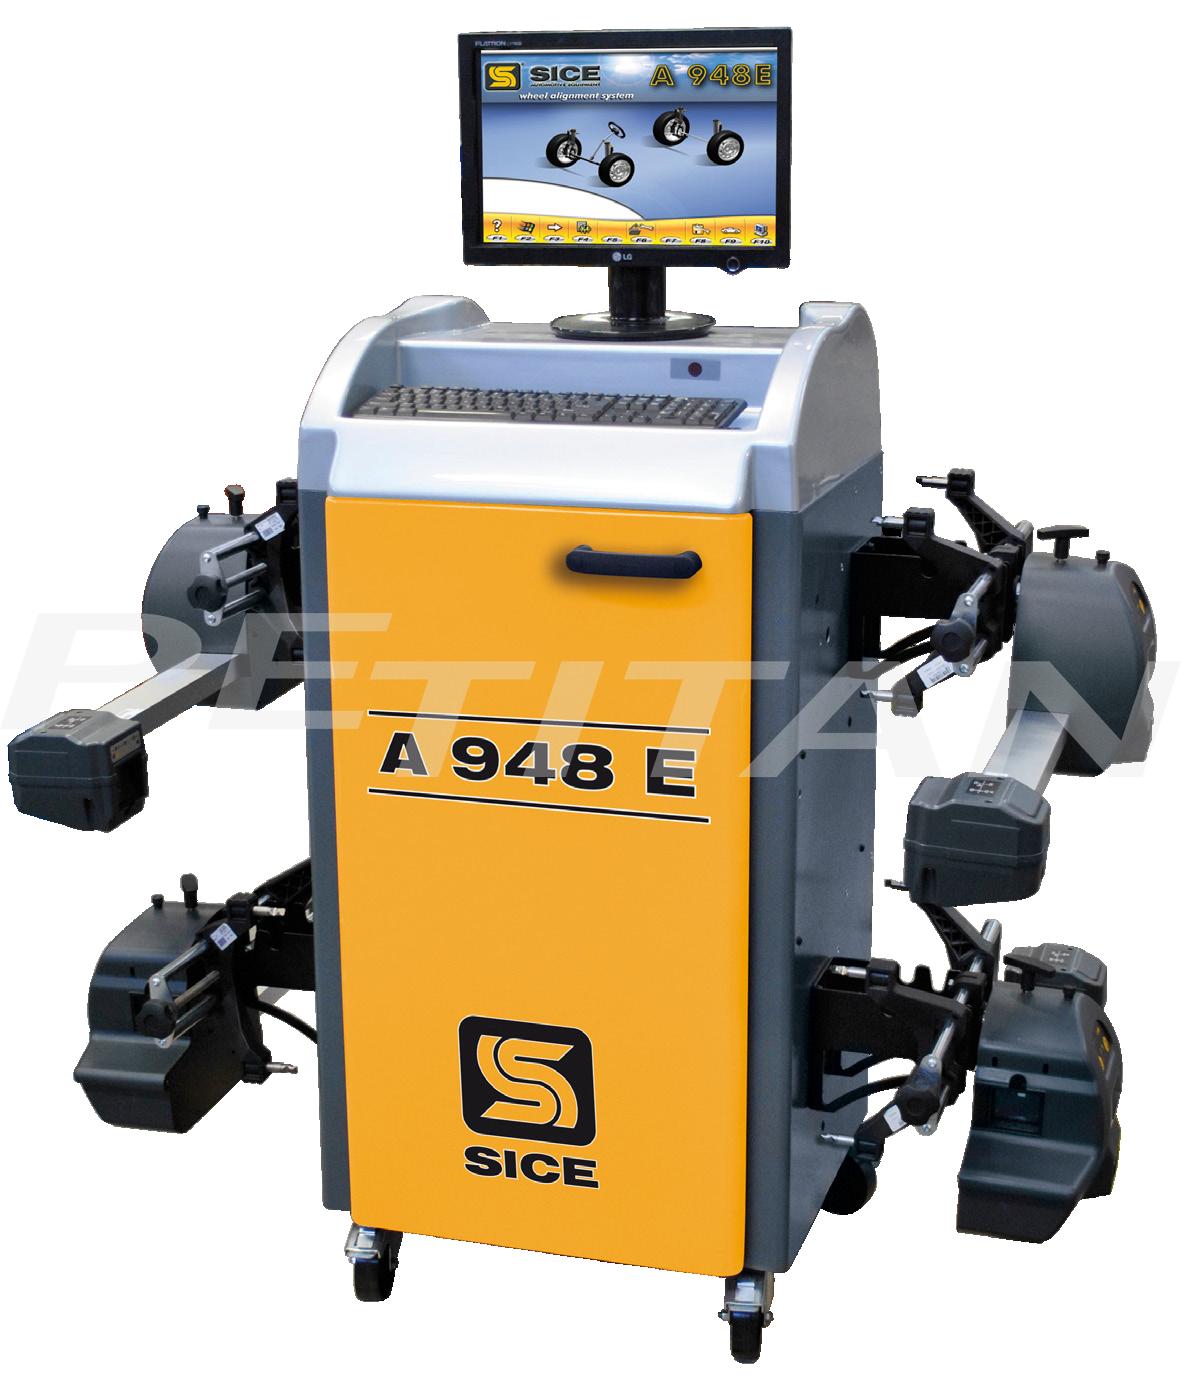 Sice A948 E futómű-beállító 1